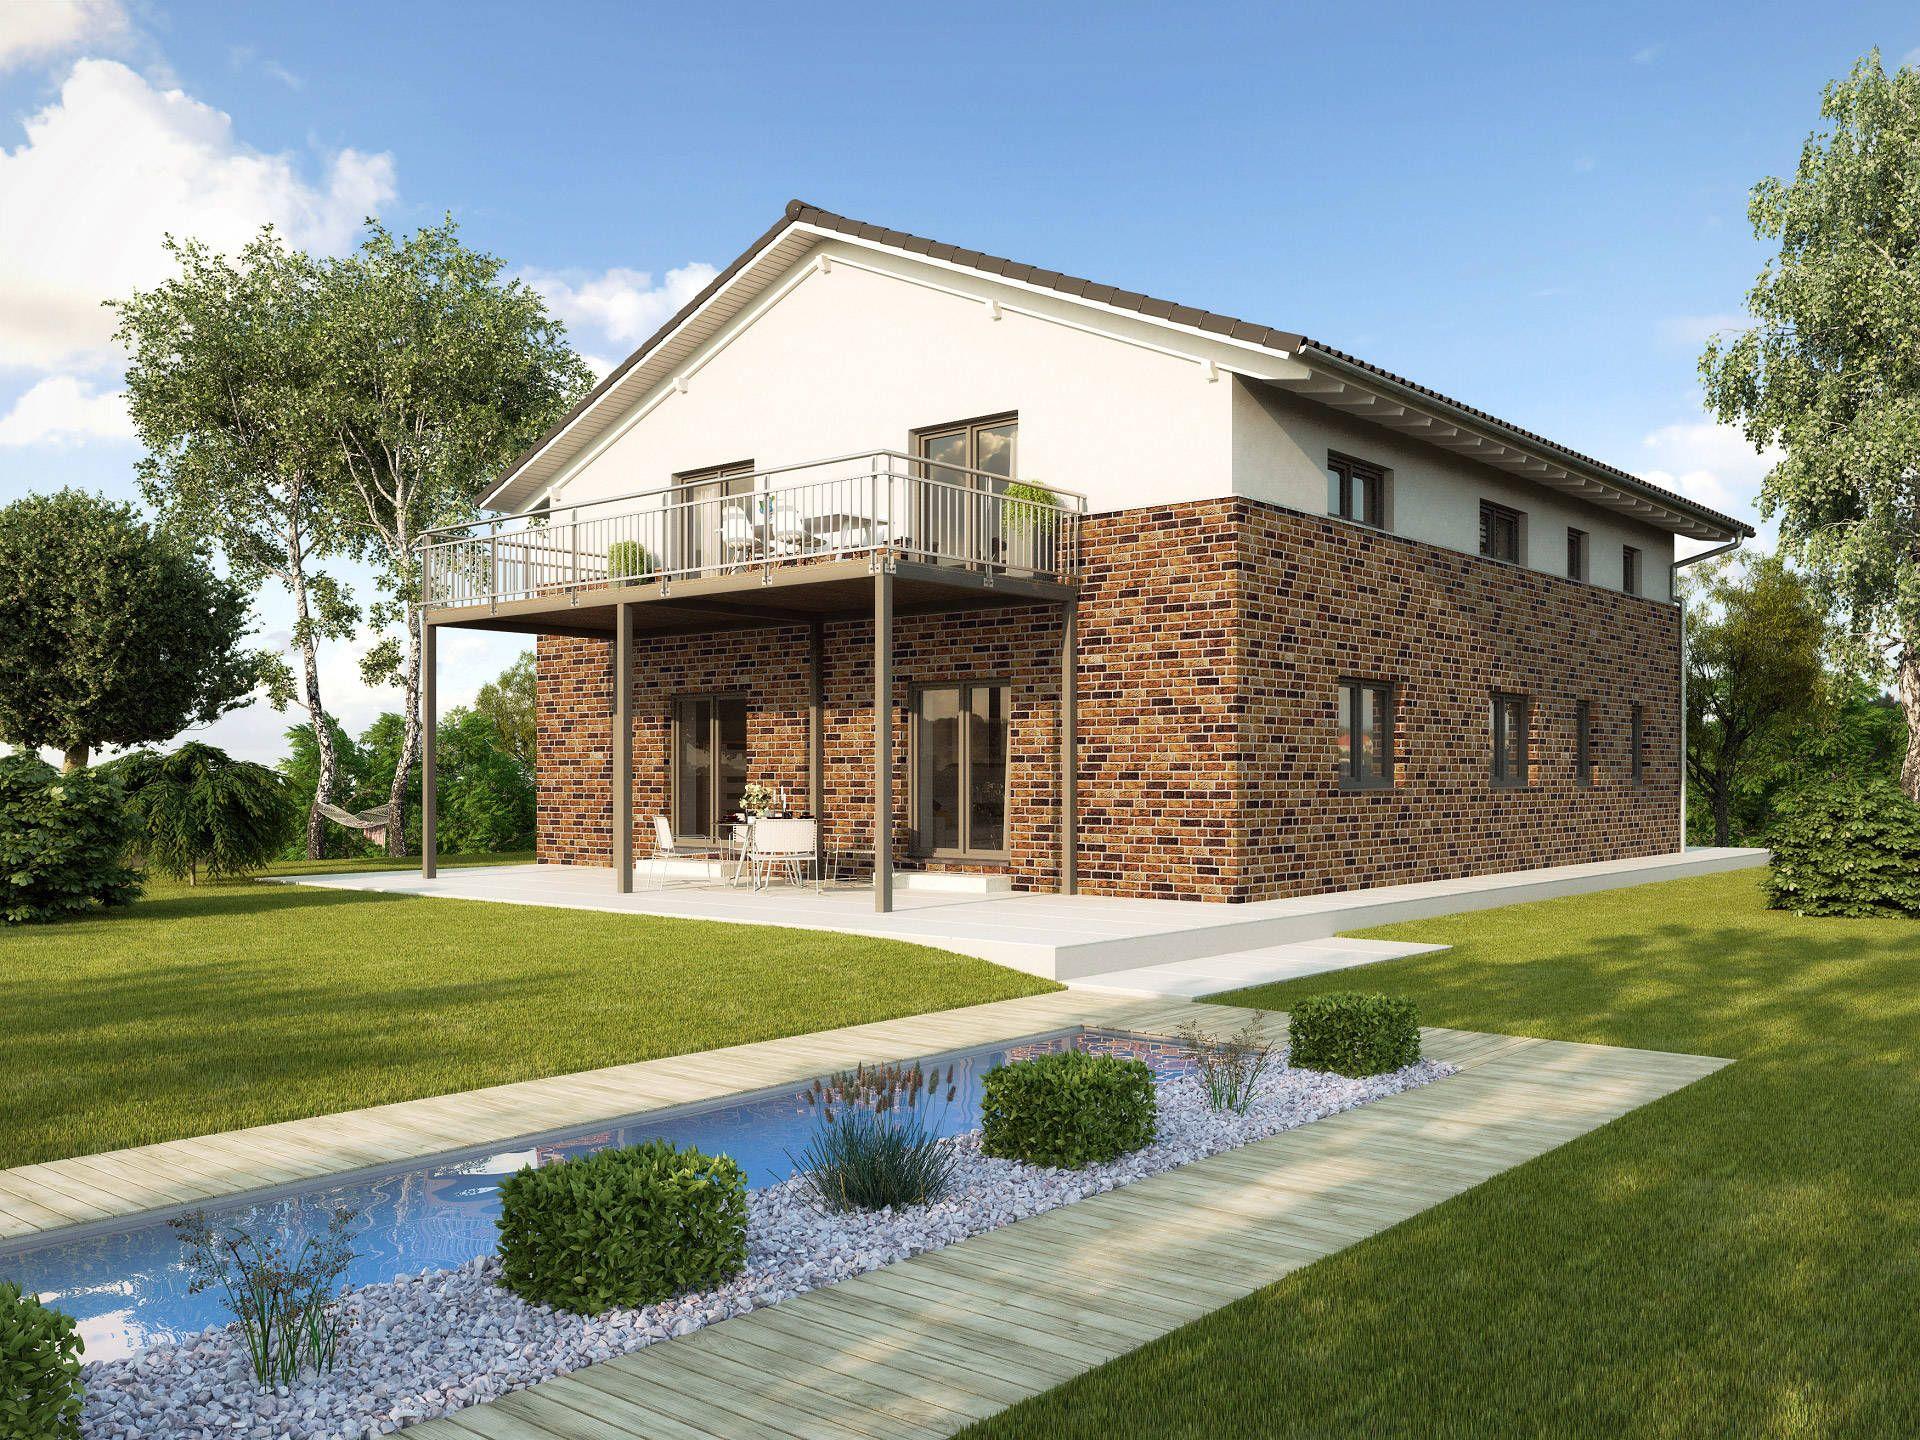 Zweifamilienhaus parma von gussek haus modernes for Zweifamilienhaus fertighaus